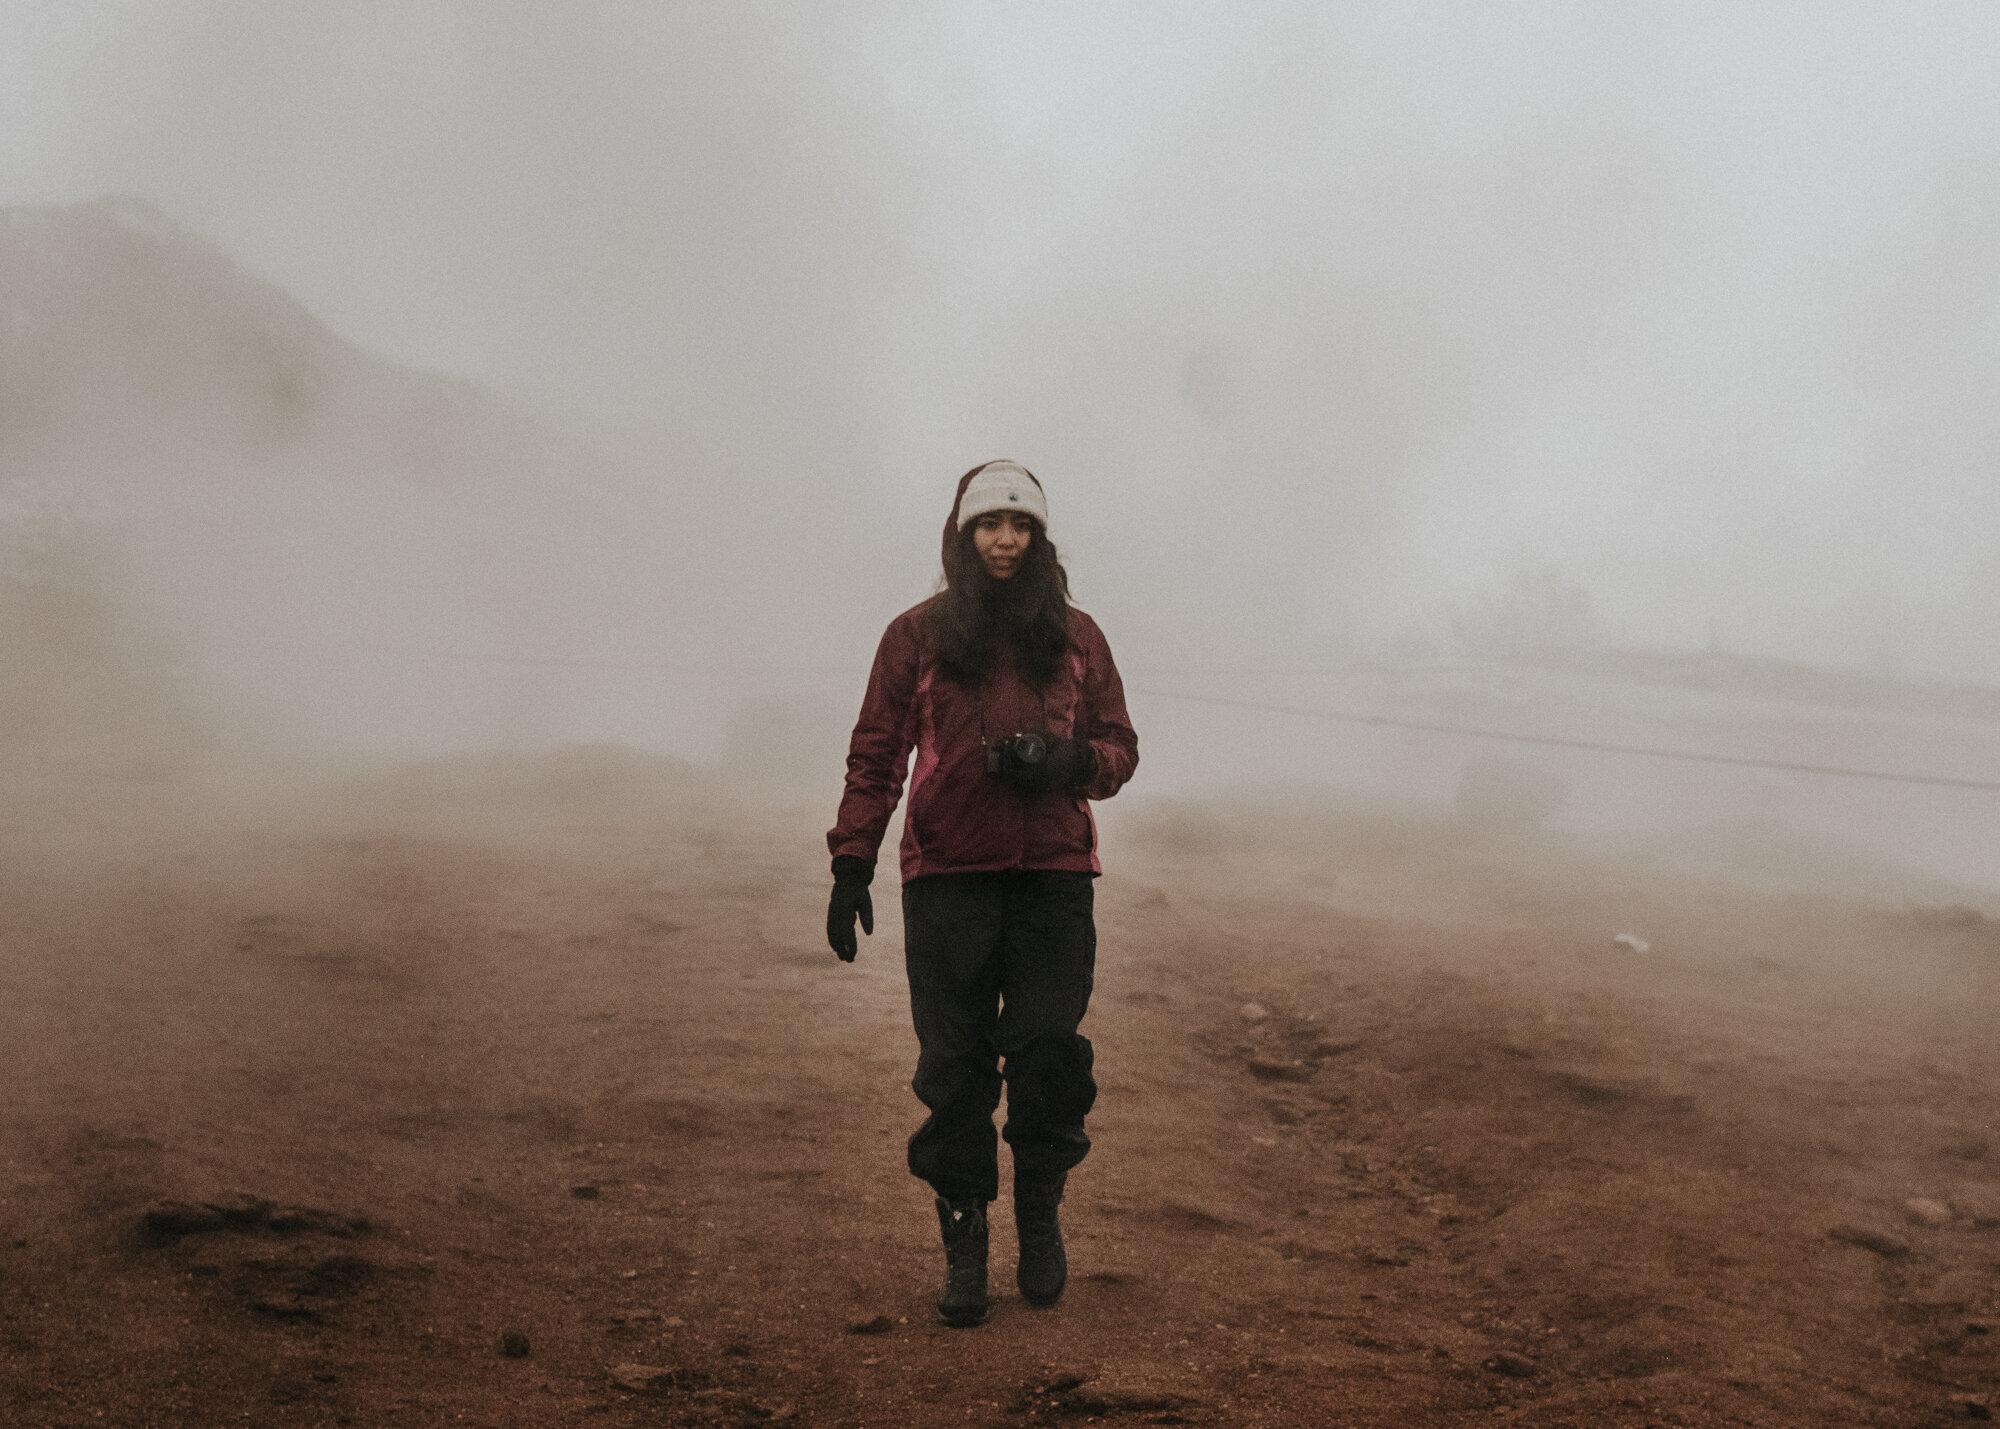 一个穿着冬装、带着相机和手套的女孩在一个地热站点的棕色土壤上走过朦胧的烟雾